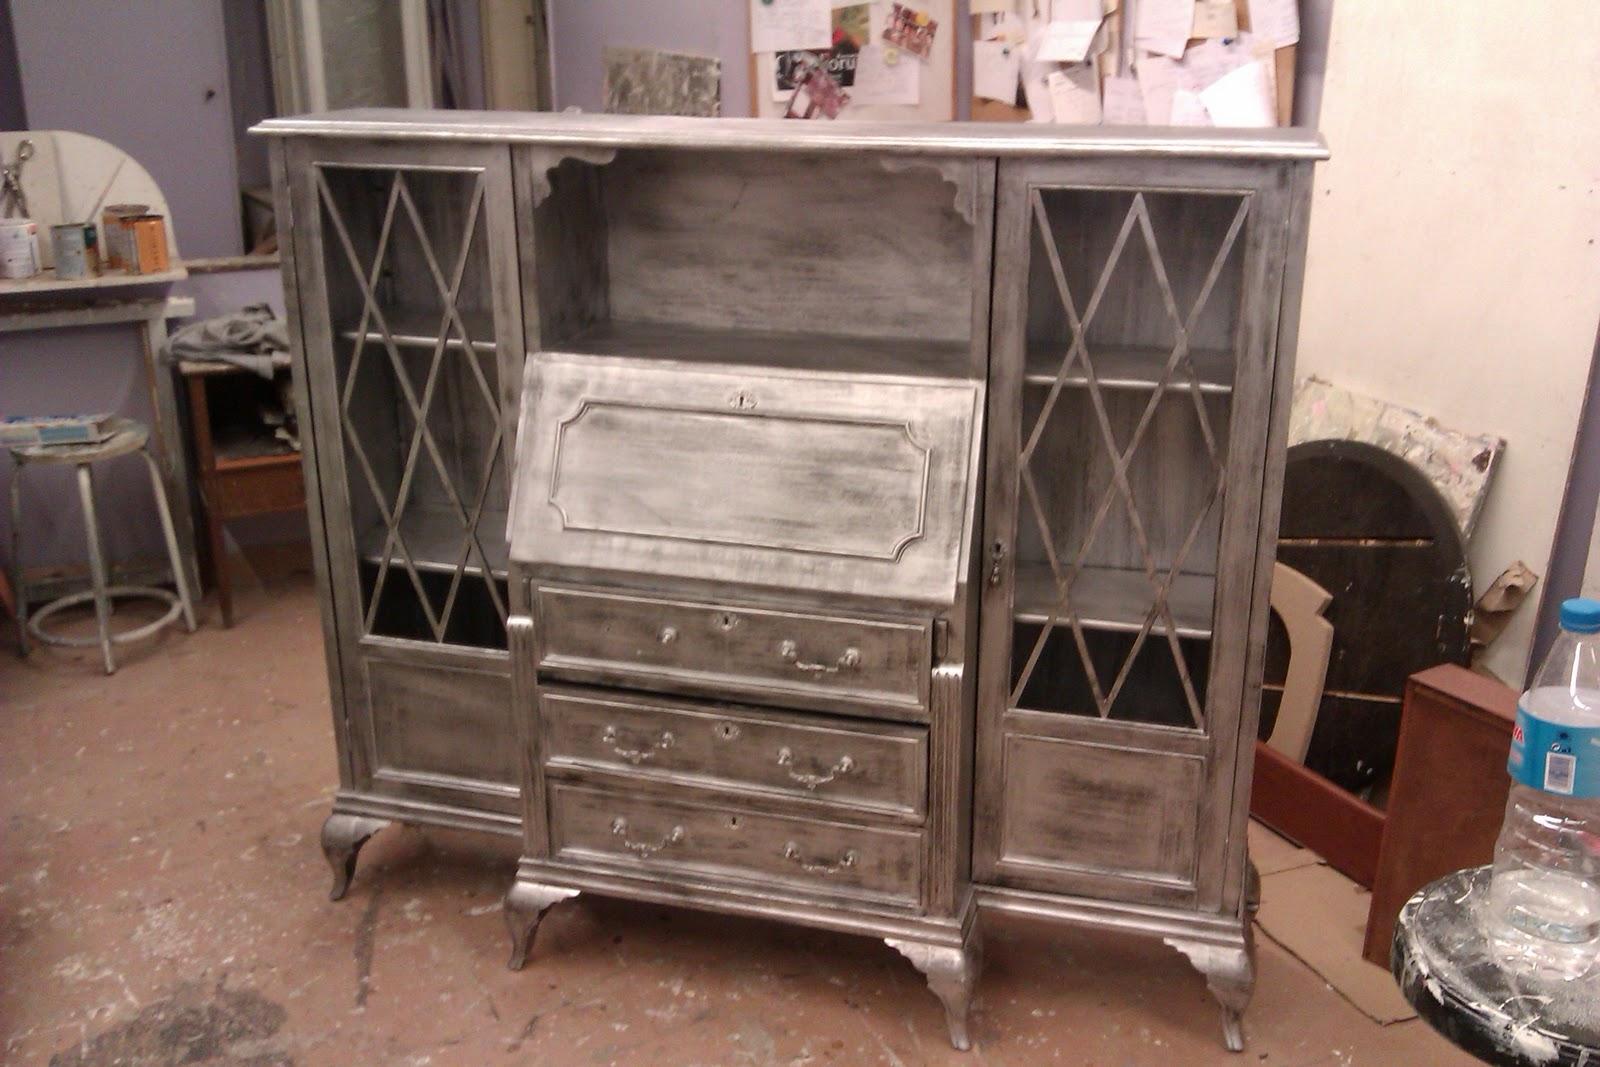 Candini muebles pintados nuevos y redecorados muebles r sticos a medida sant gervasi galvany - Muebles pintados en plata ...